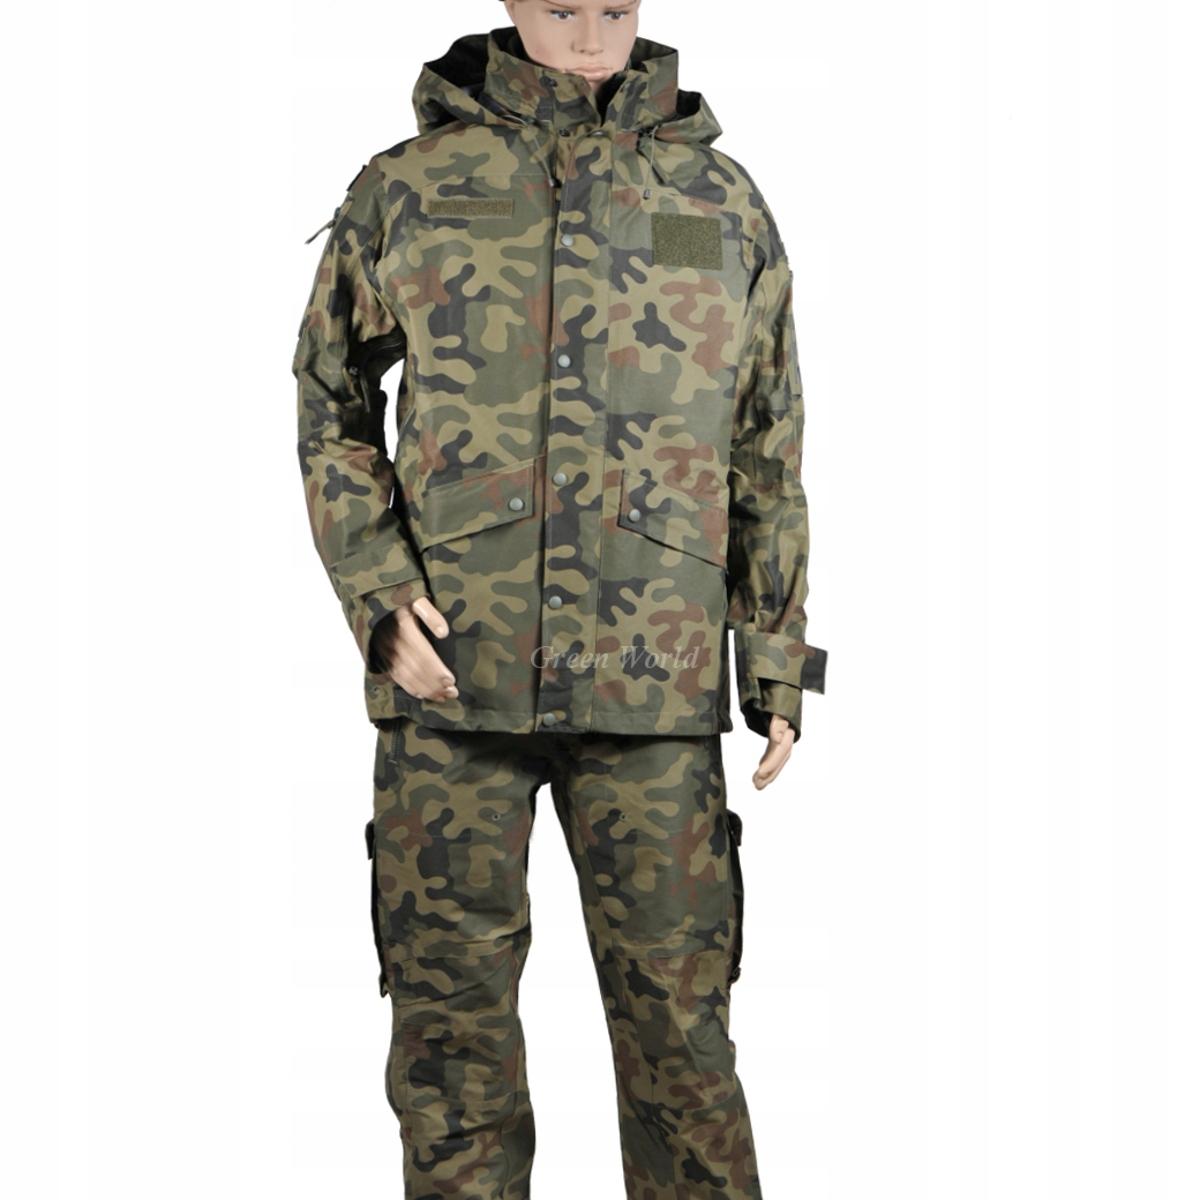 Ubranie wojskowe gore-tex 128Z/MON nowy wzór